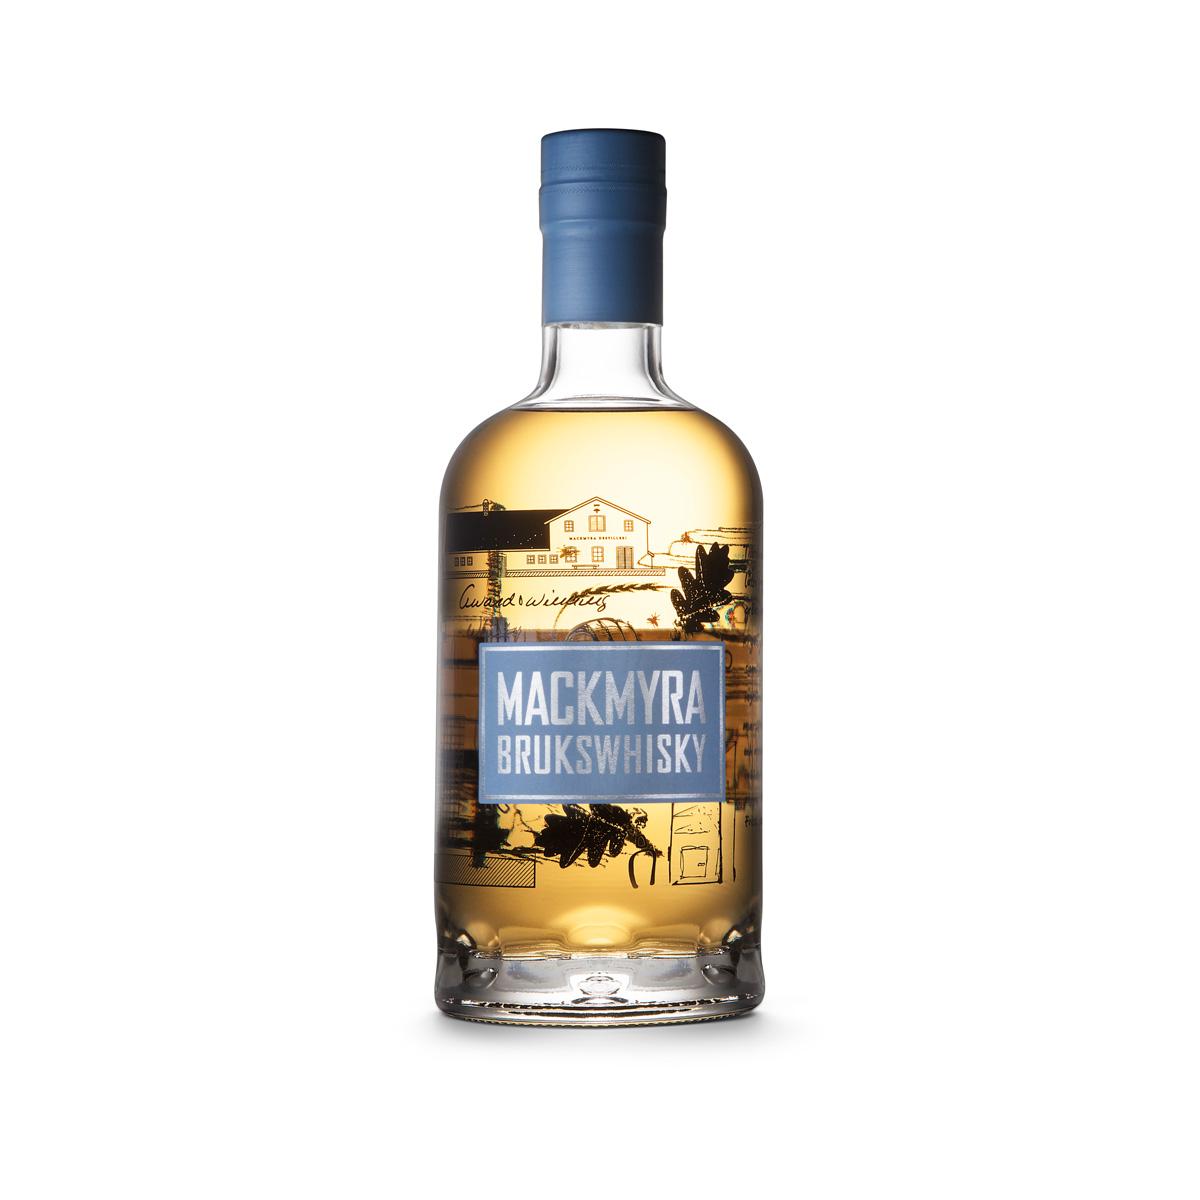 Flaskan för Mackmyra Brukswhisky. Naken, iklädd endast en liten skugga.